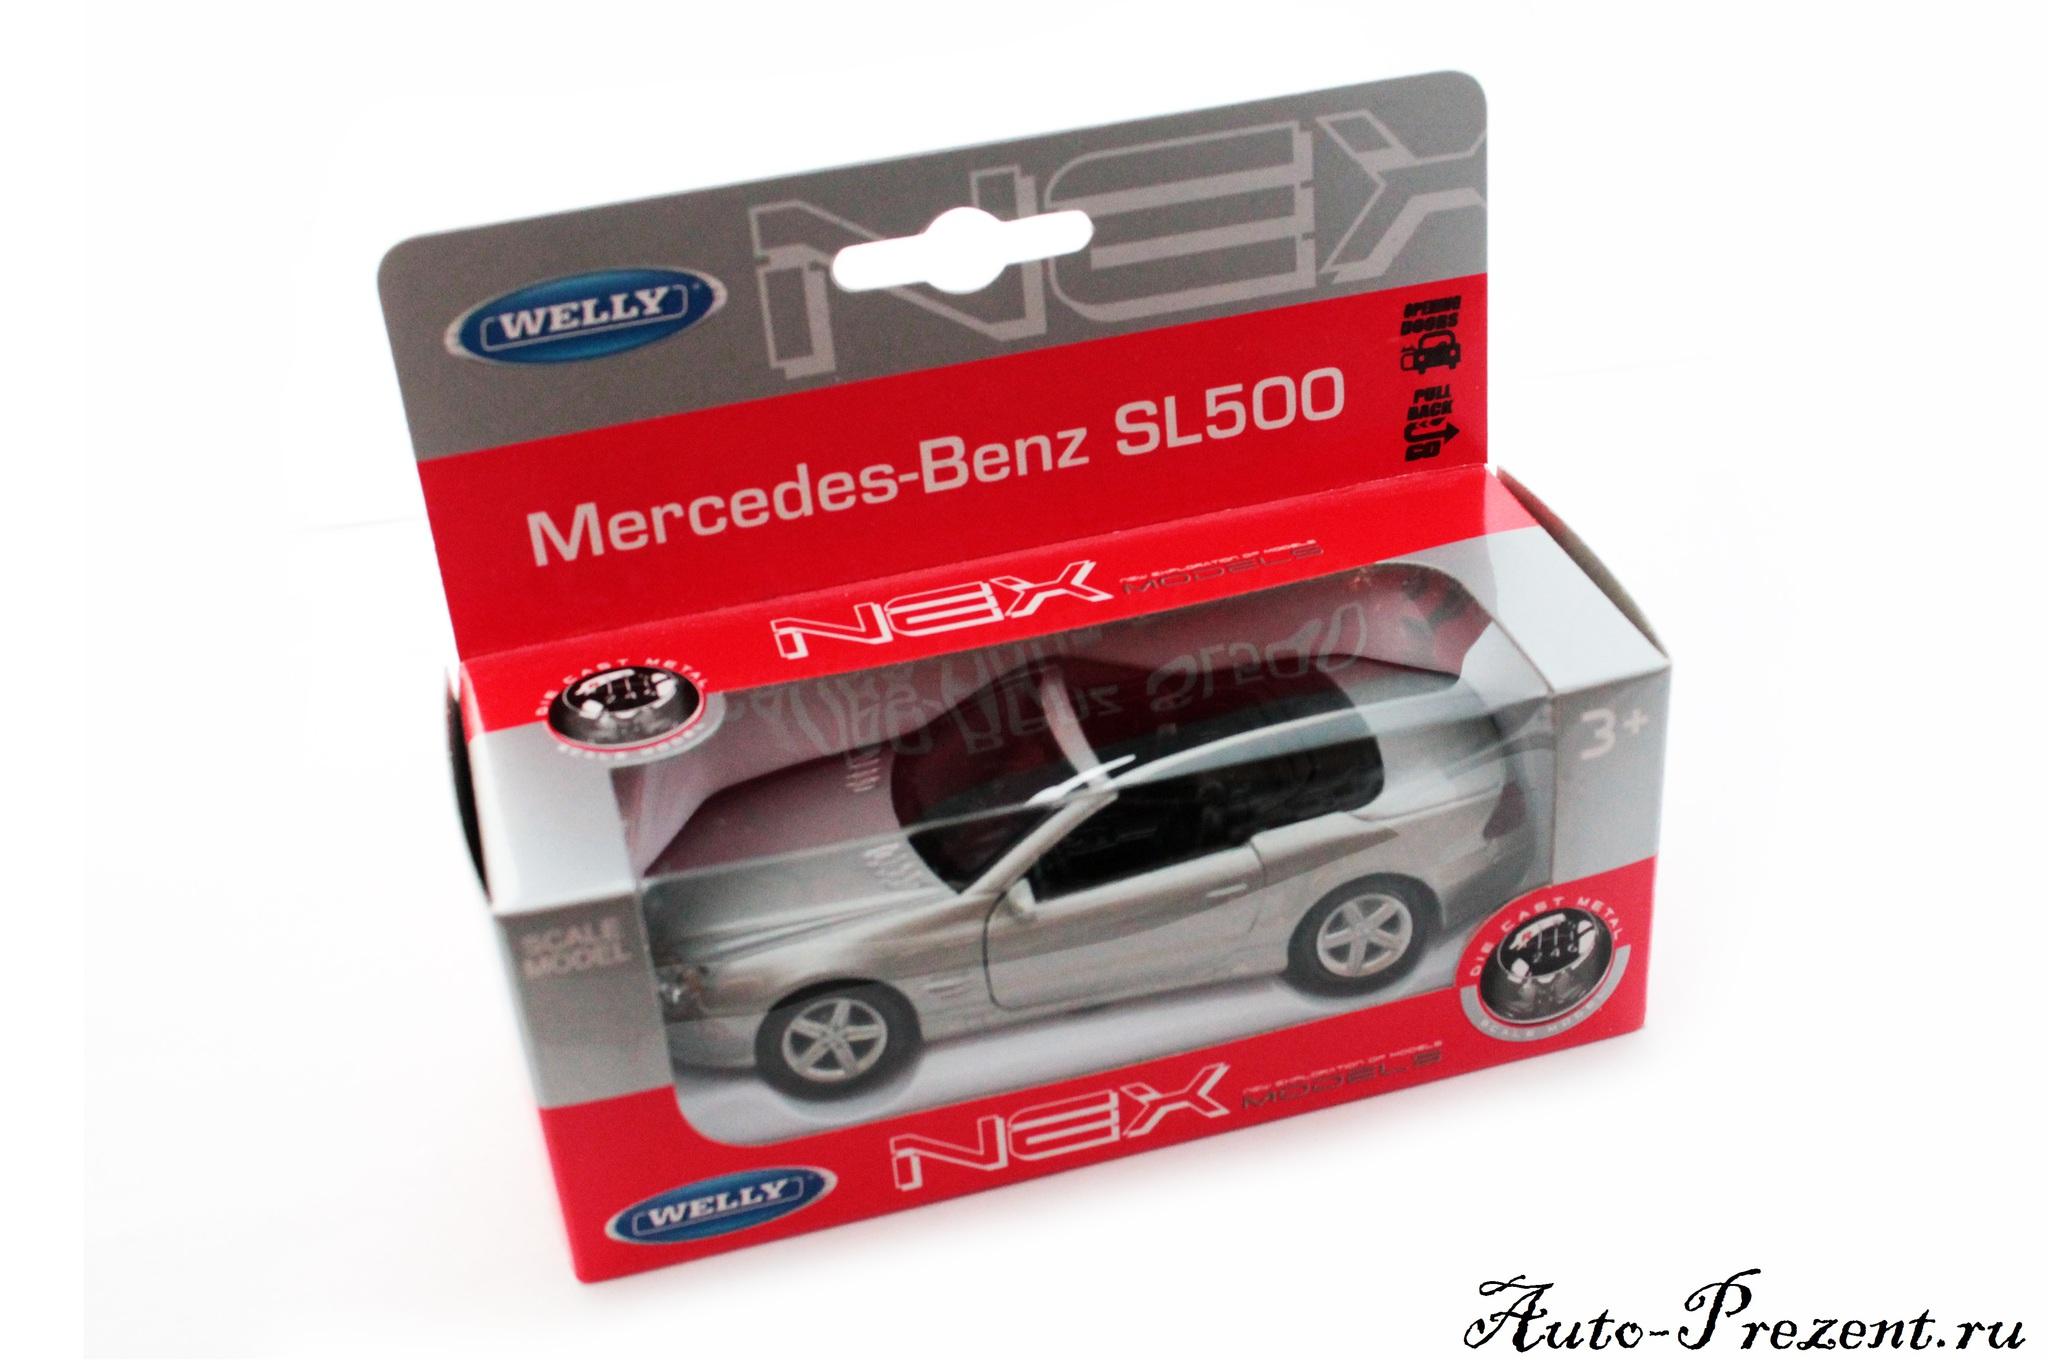 Машинка-игрушка Mercedes-Benz SL 500